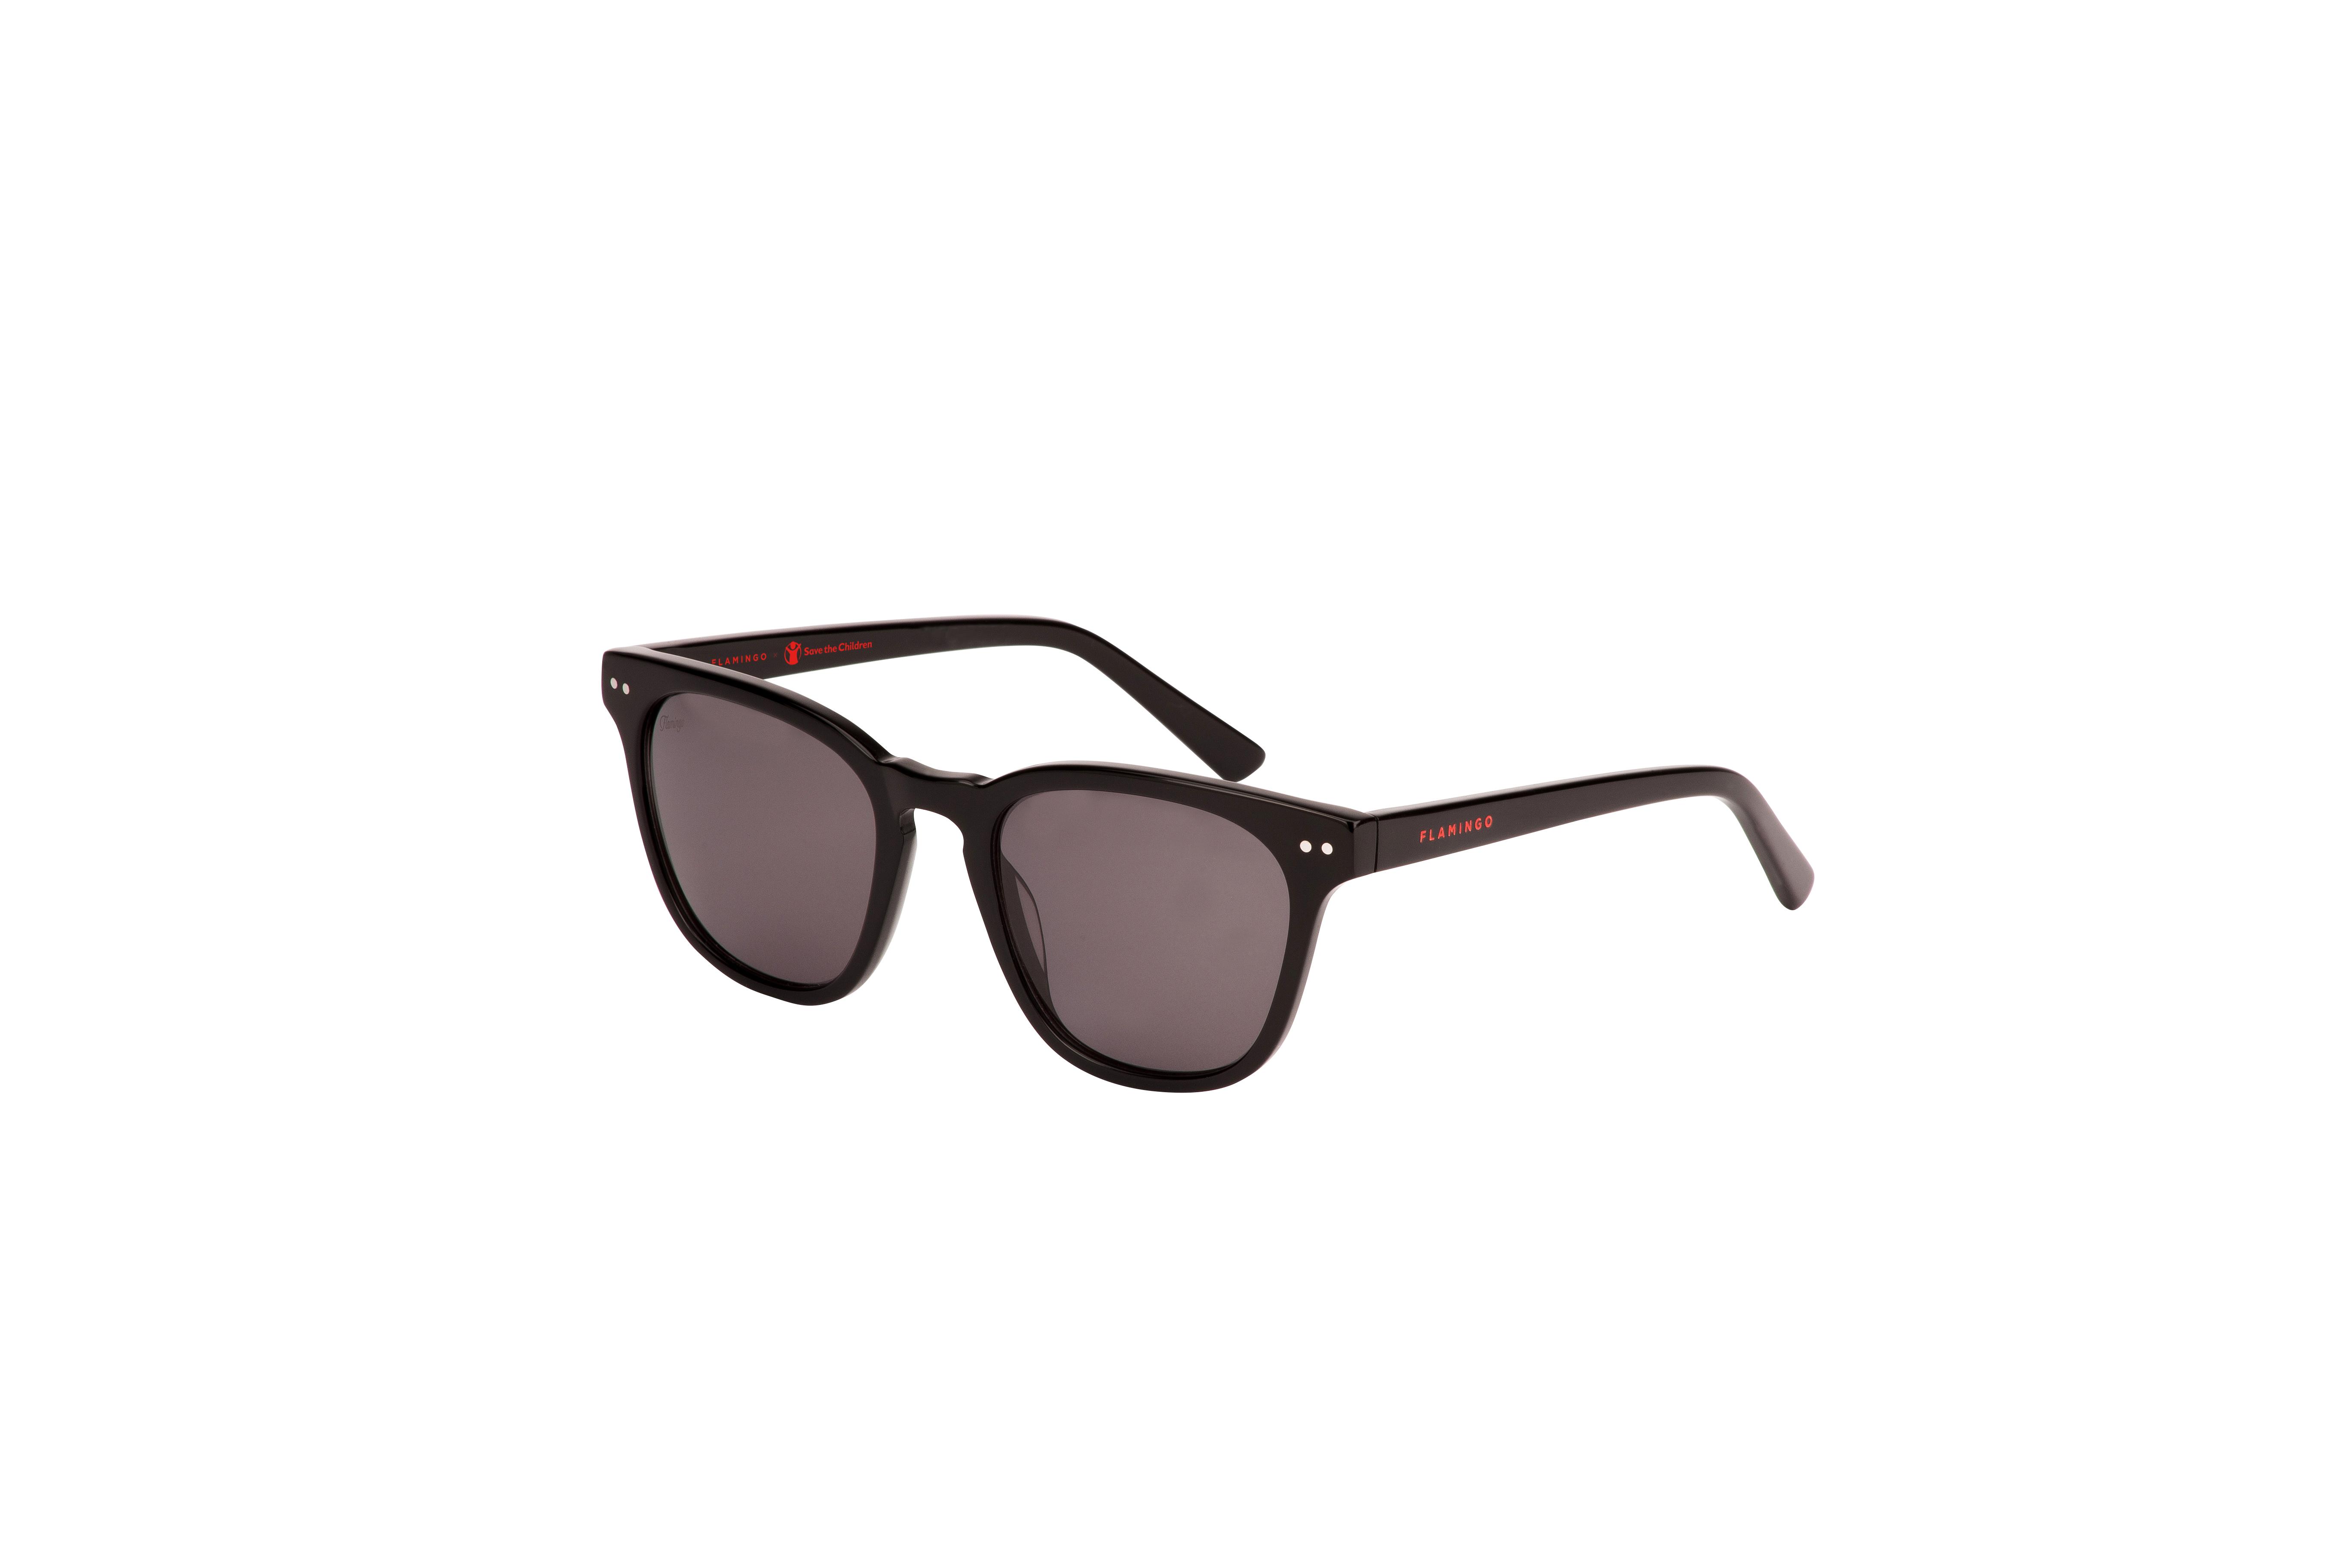 Flamingo lanza las gafas de sol más comprometidas